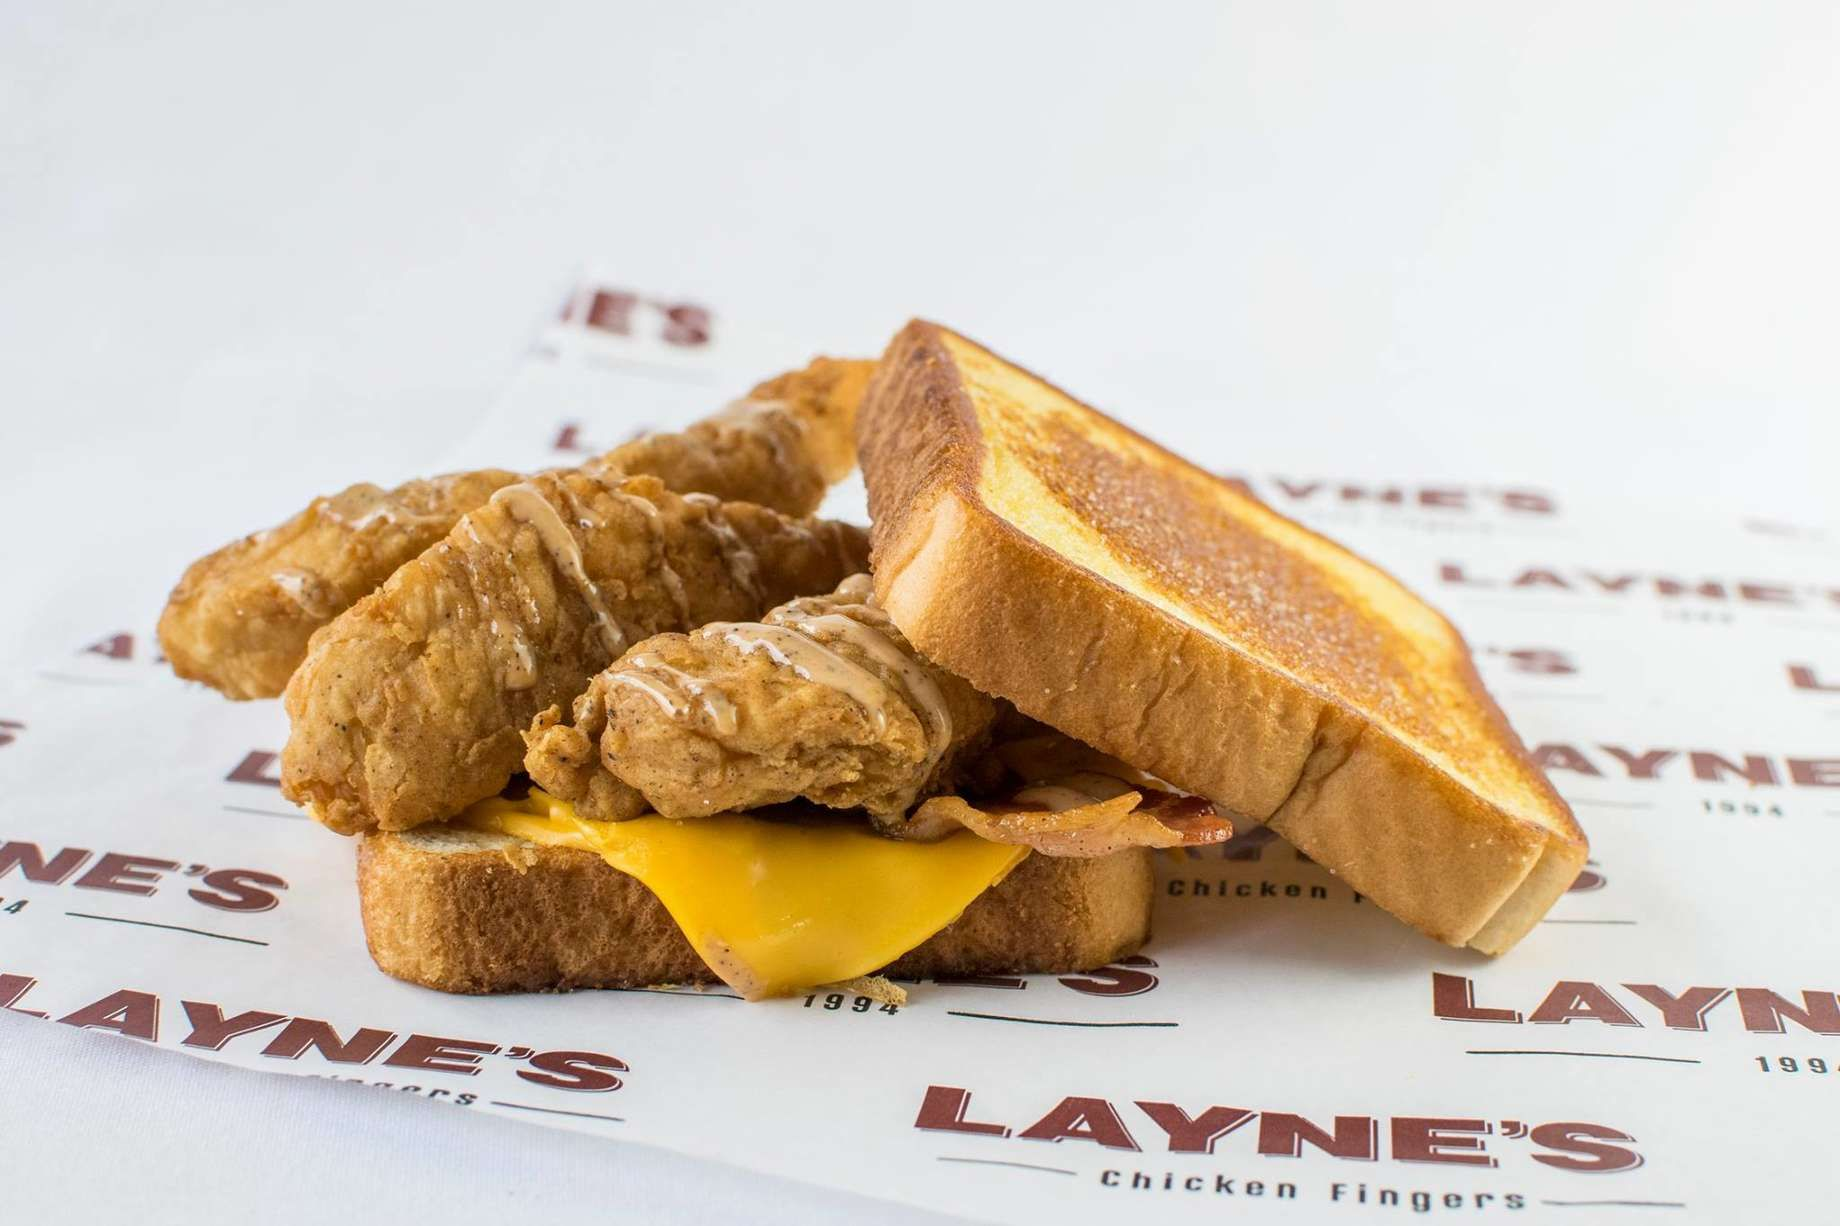 Best restaurants in college station near texas am